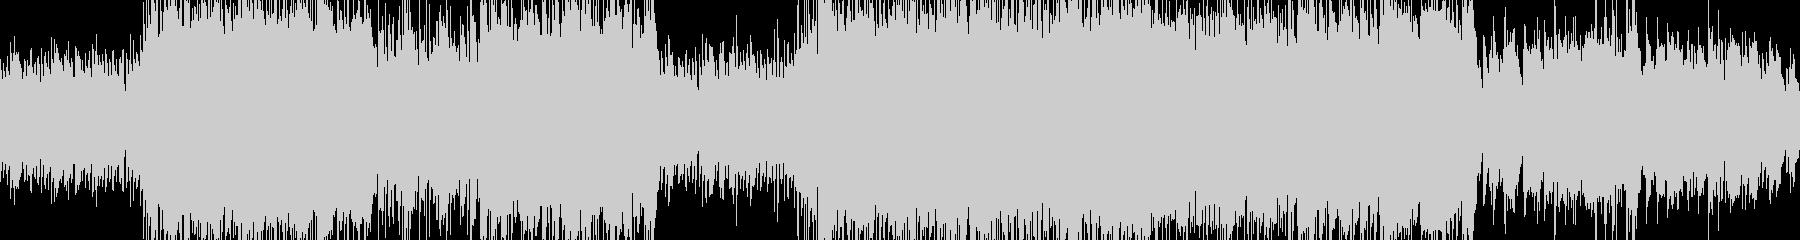 ピアノの旋律が特徴的なBGM:遺跡の未再生の波形